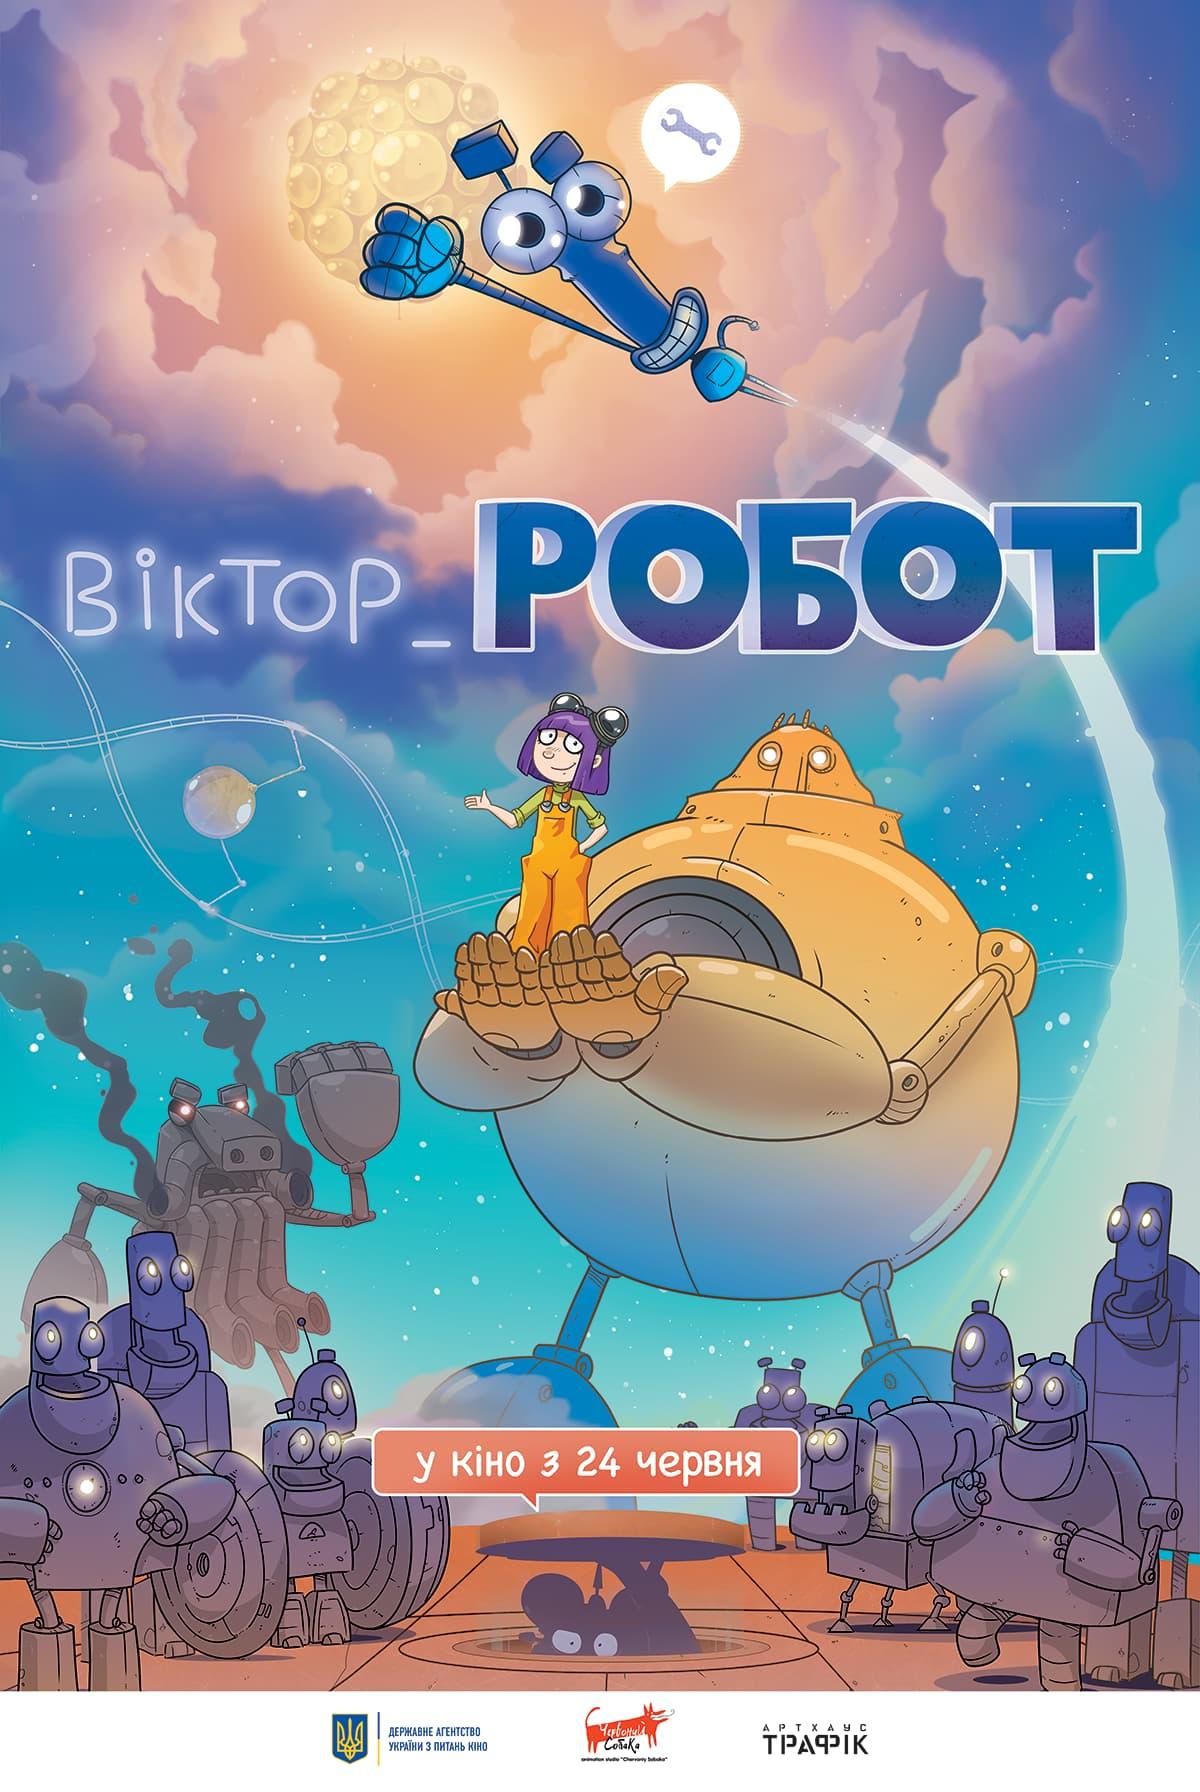 Віктор_Робот